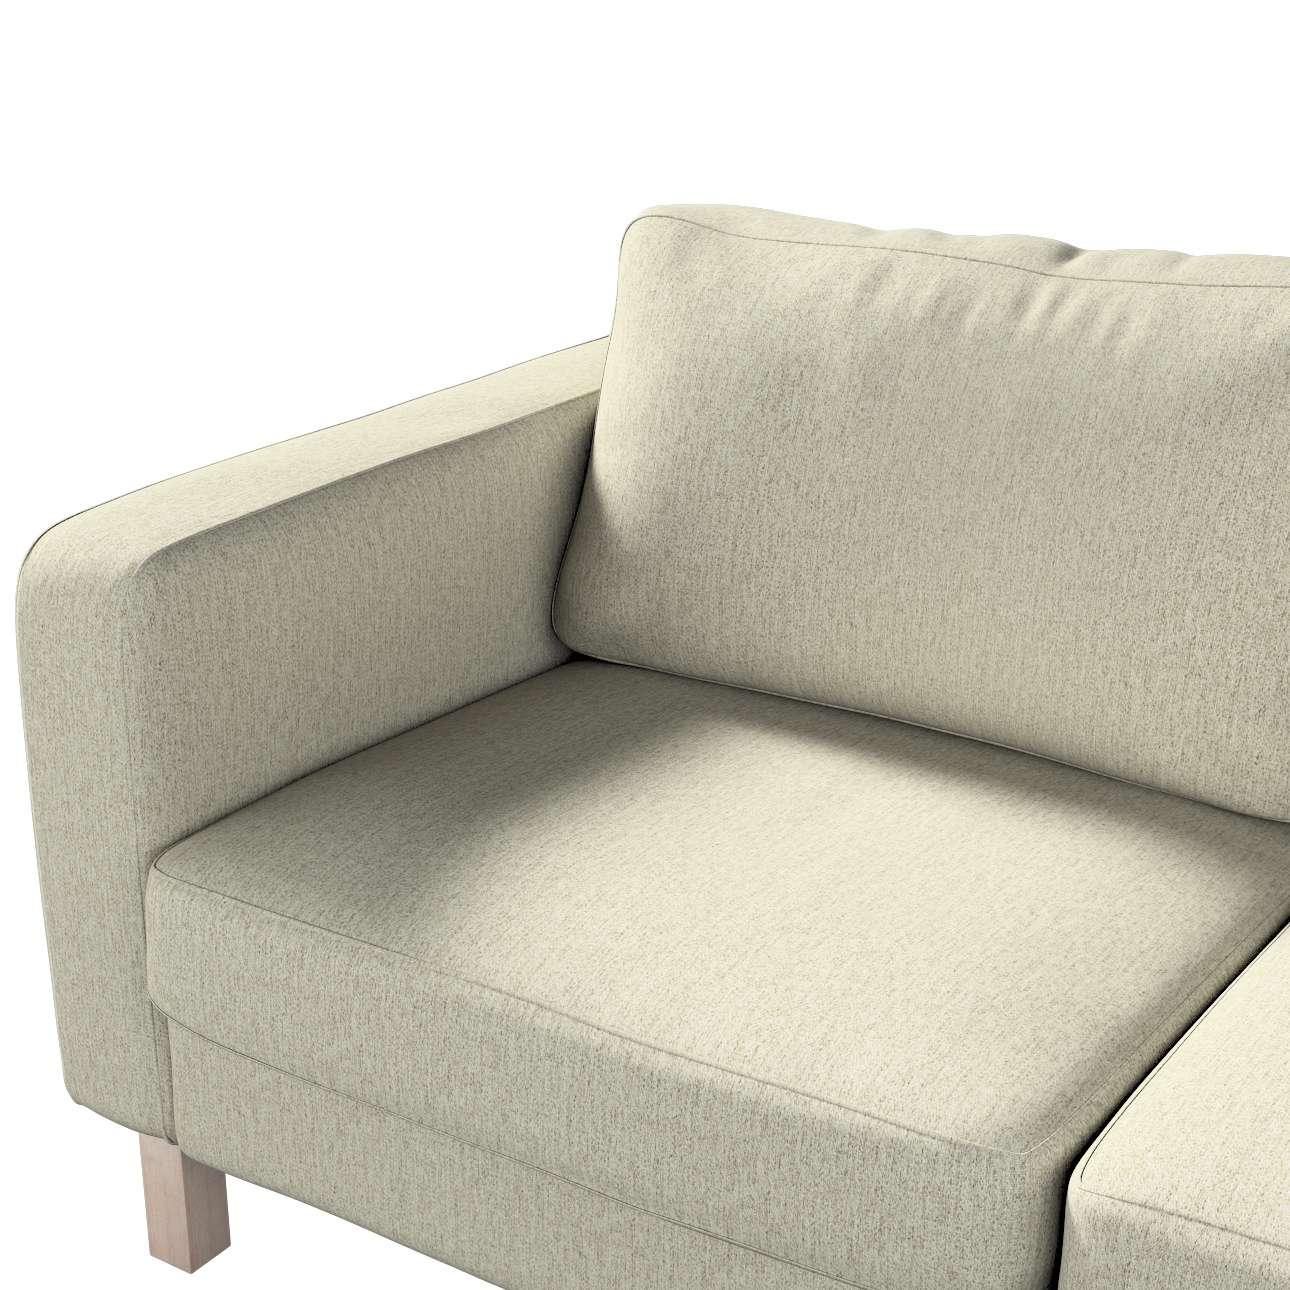 Potah na pohovku IKEA  Karlstad 2-místná, nerozkládací, krátký v kolekci Living, látka: 161-62